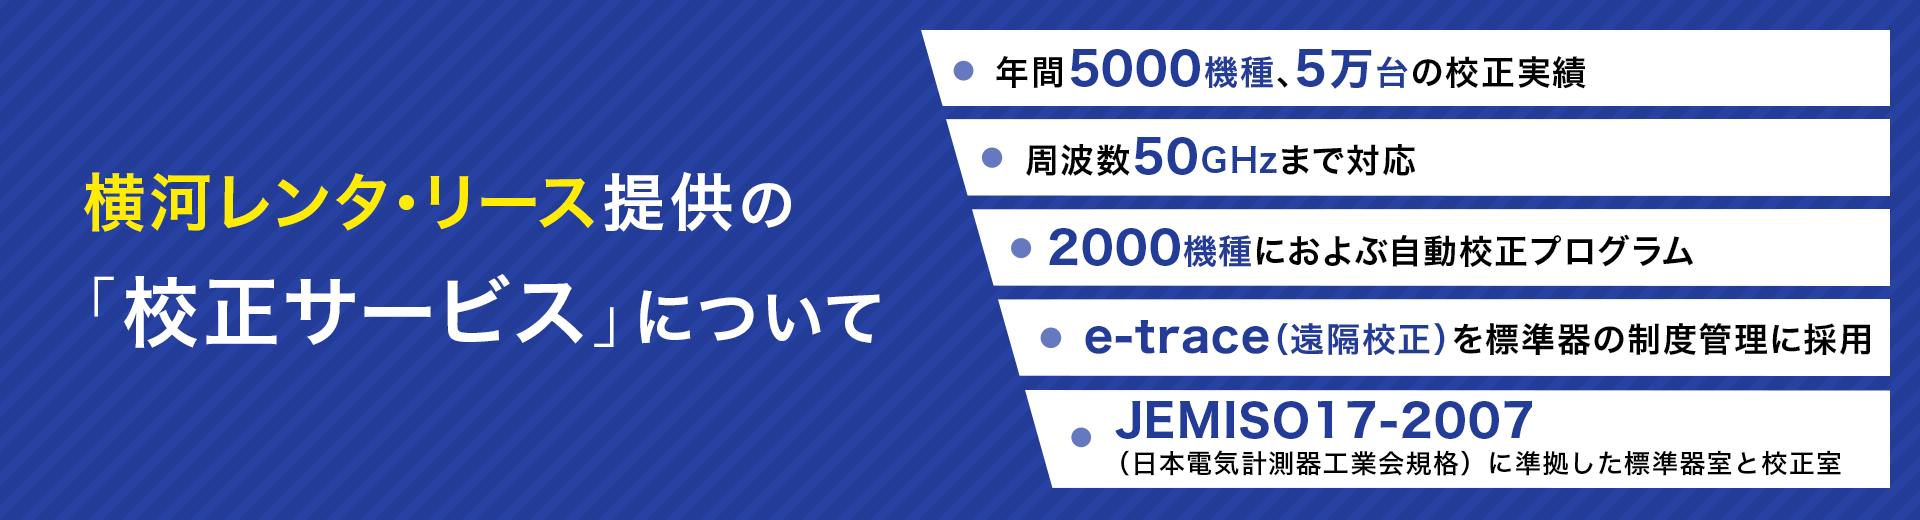 横河レンタ・リース提供の「校正サービスについて」・年間5000機種、5万台の校正実績・周波数50GHzまで対応・2000機種におよぶ自動校正プログラム・e-trace(遠隔校正)を標準器の制度管理に採用・JEMISO17-2007(日本電気計測器工業会規格)に準拠した標準器室と校正室